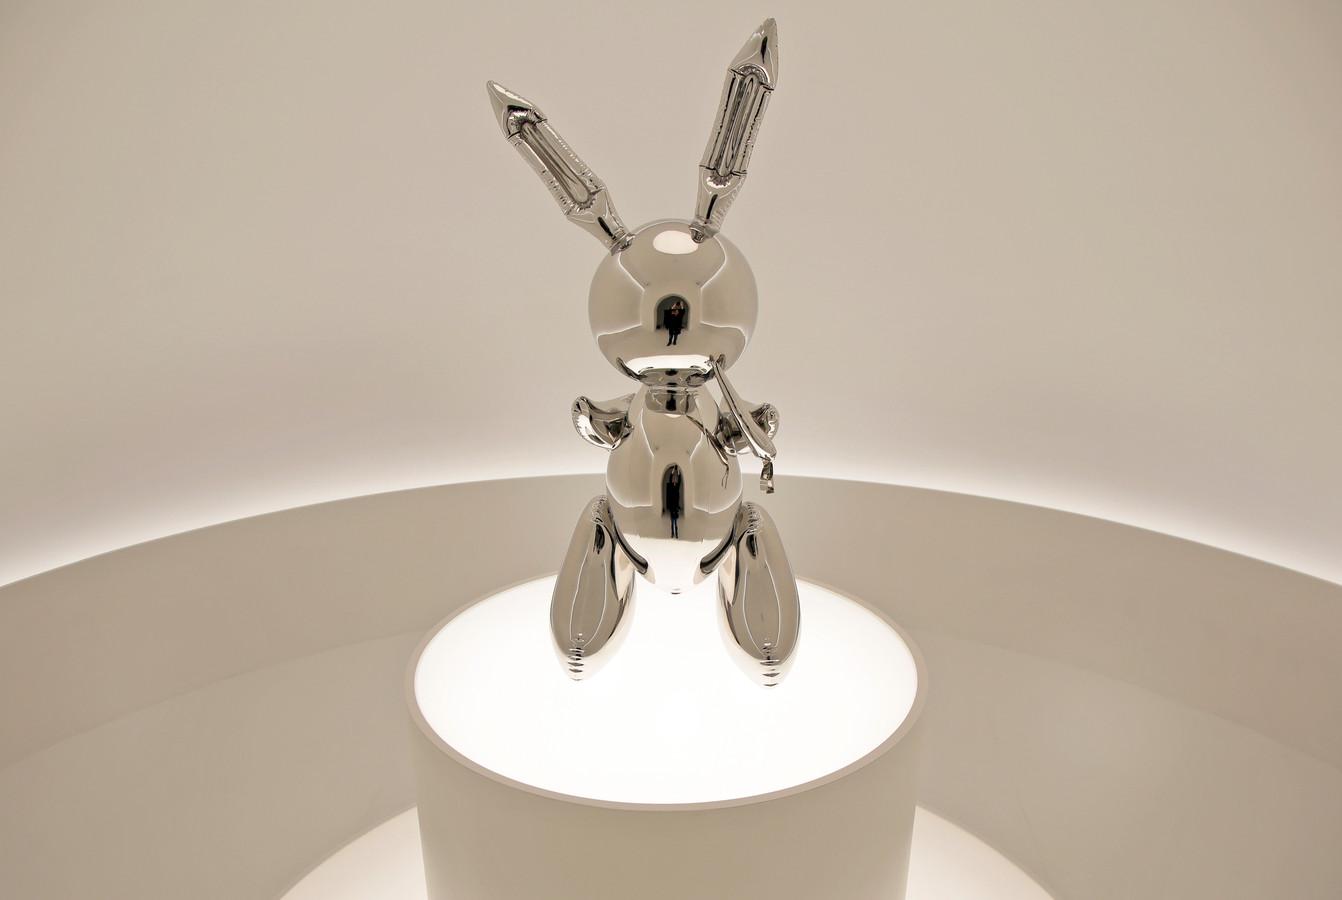 Het werk Rabbit van de Amerikaanse kunstenaar Jeff Koons bracht ruim 91 miljoen op.